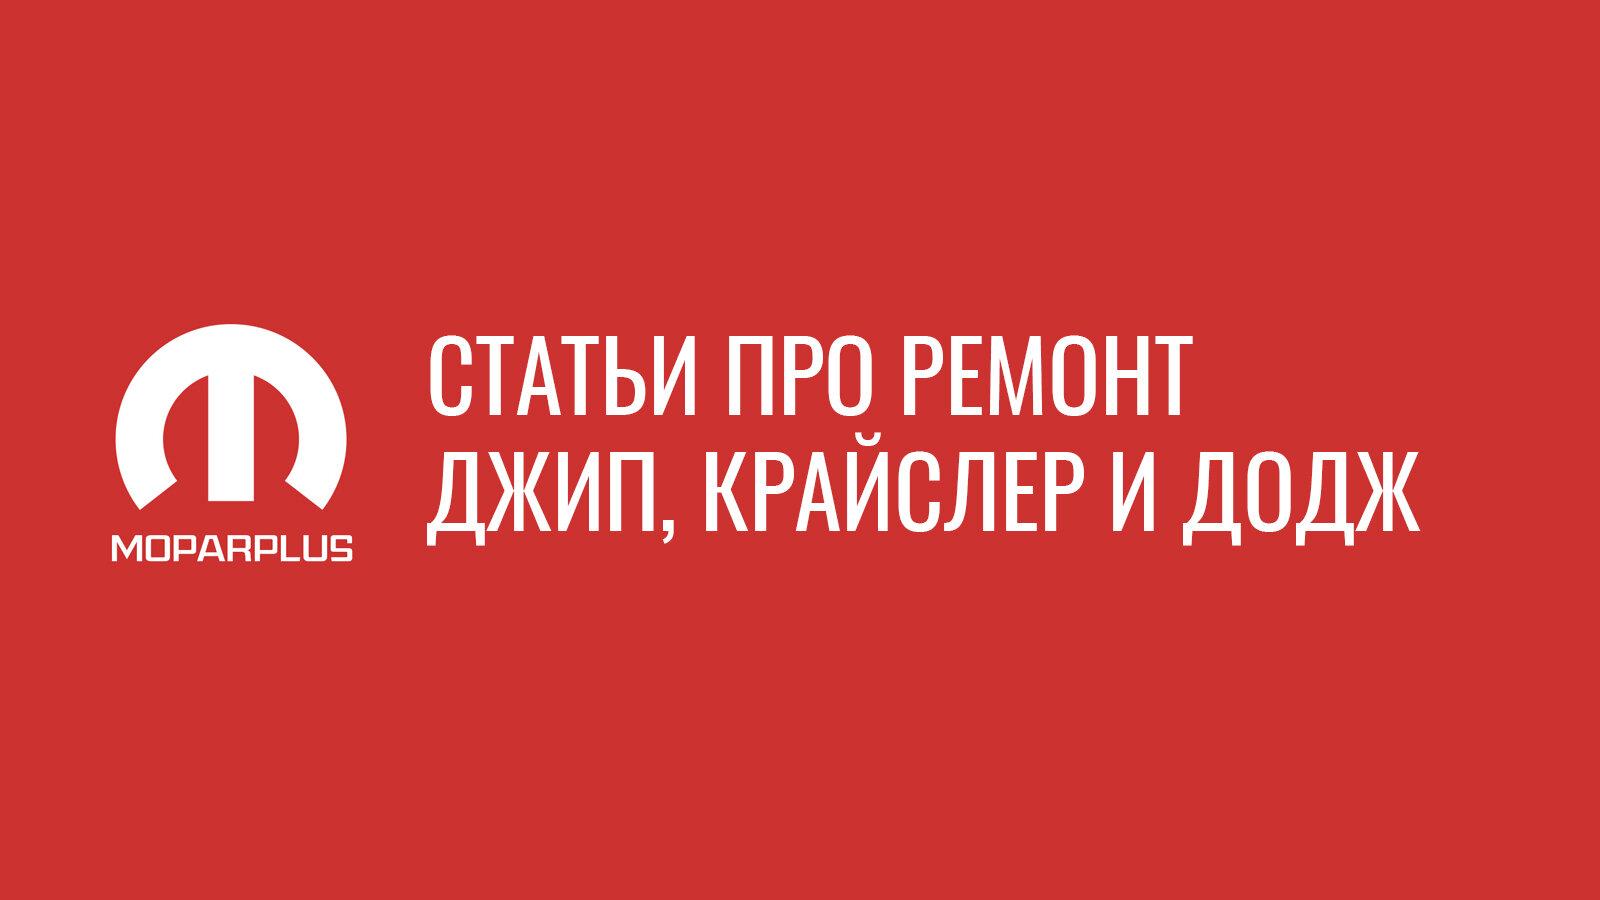 Статьи про ремонт. Выпуск №80.